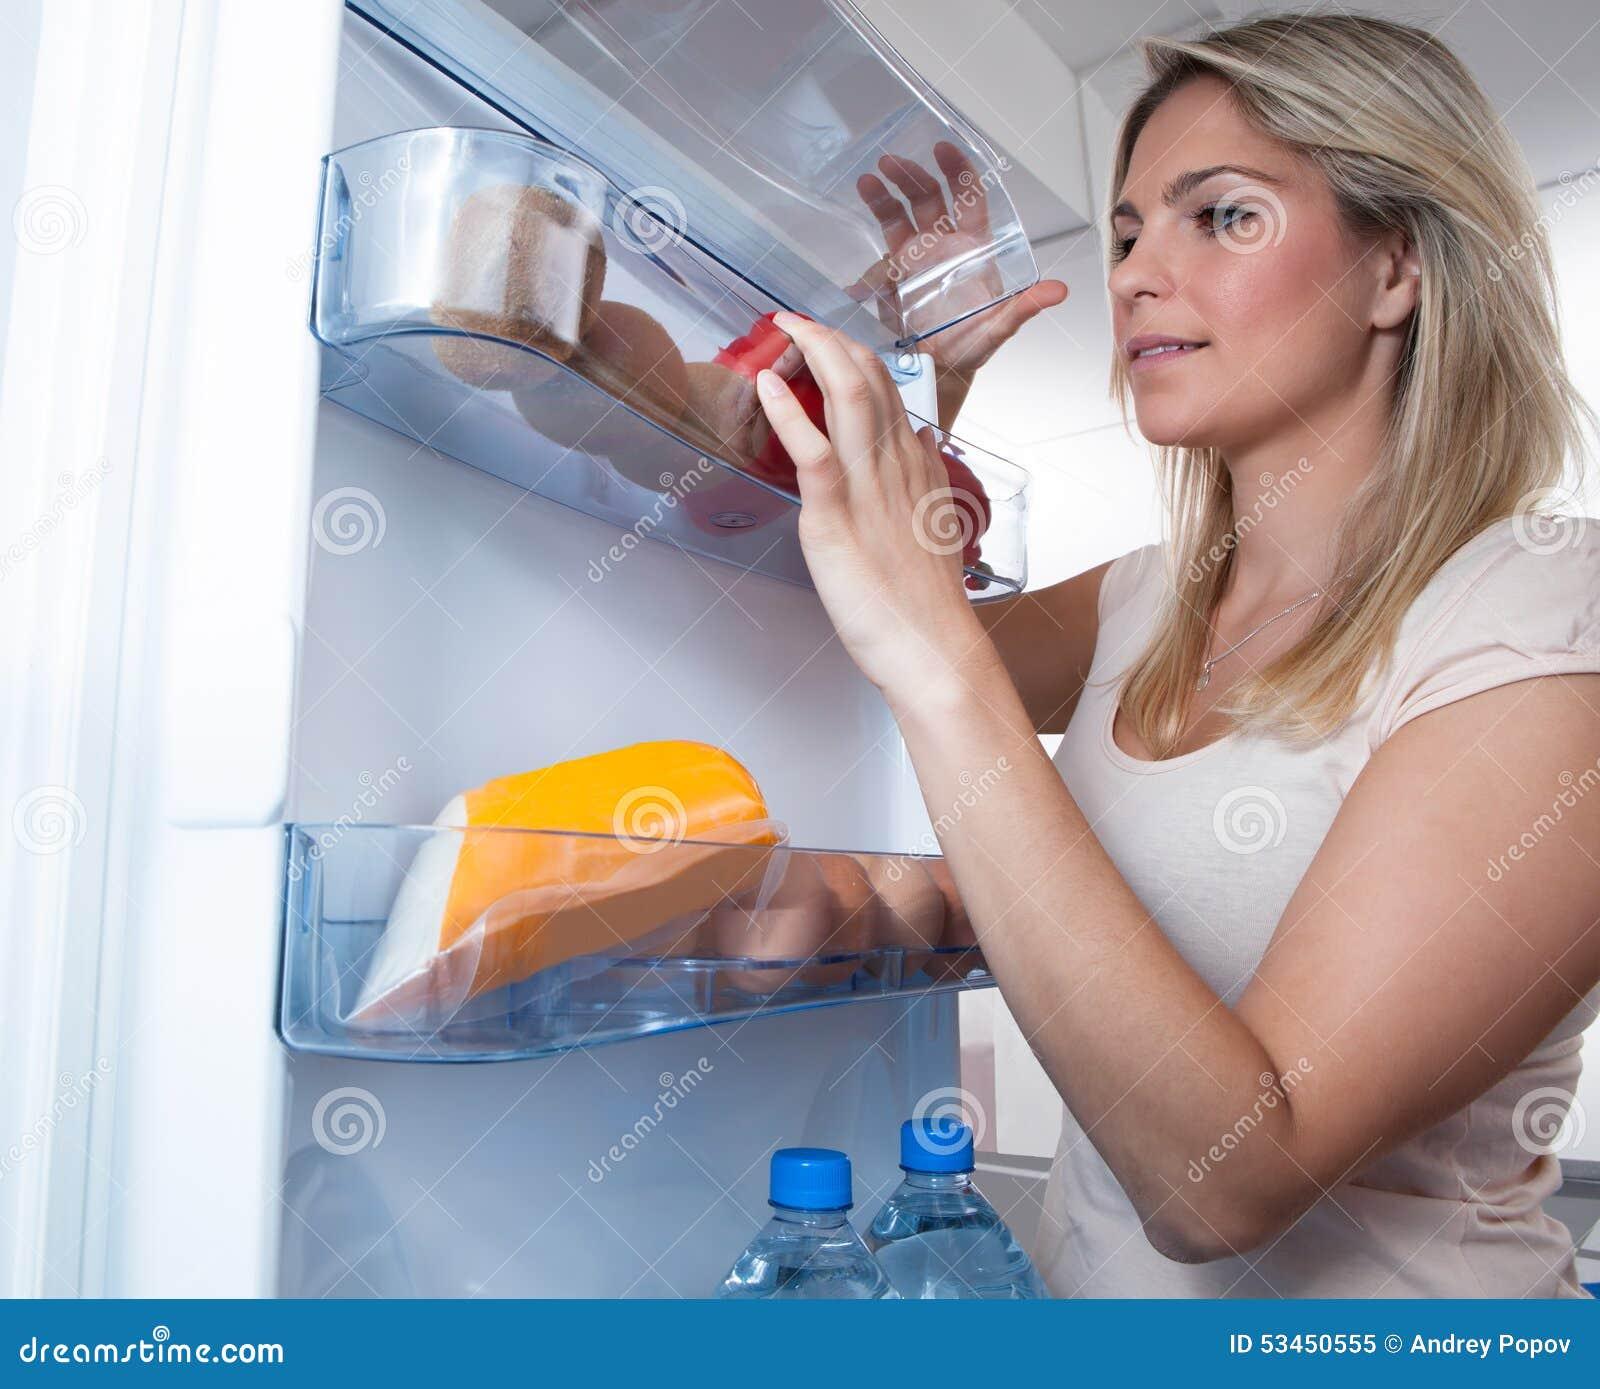 Γυναίκα που ψάχνει στο ψυγείο